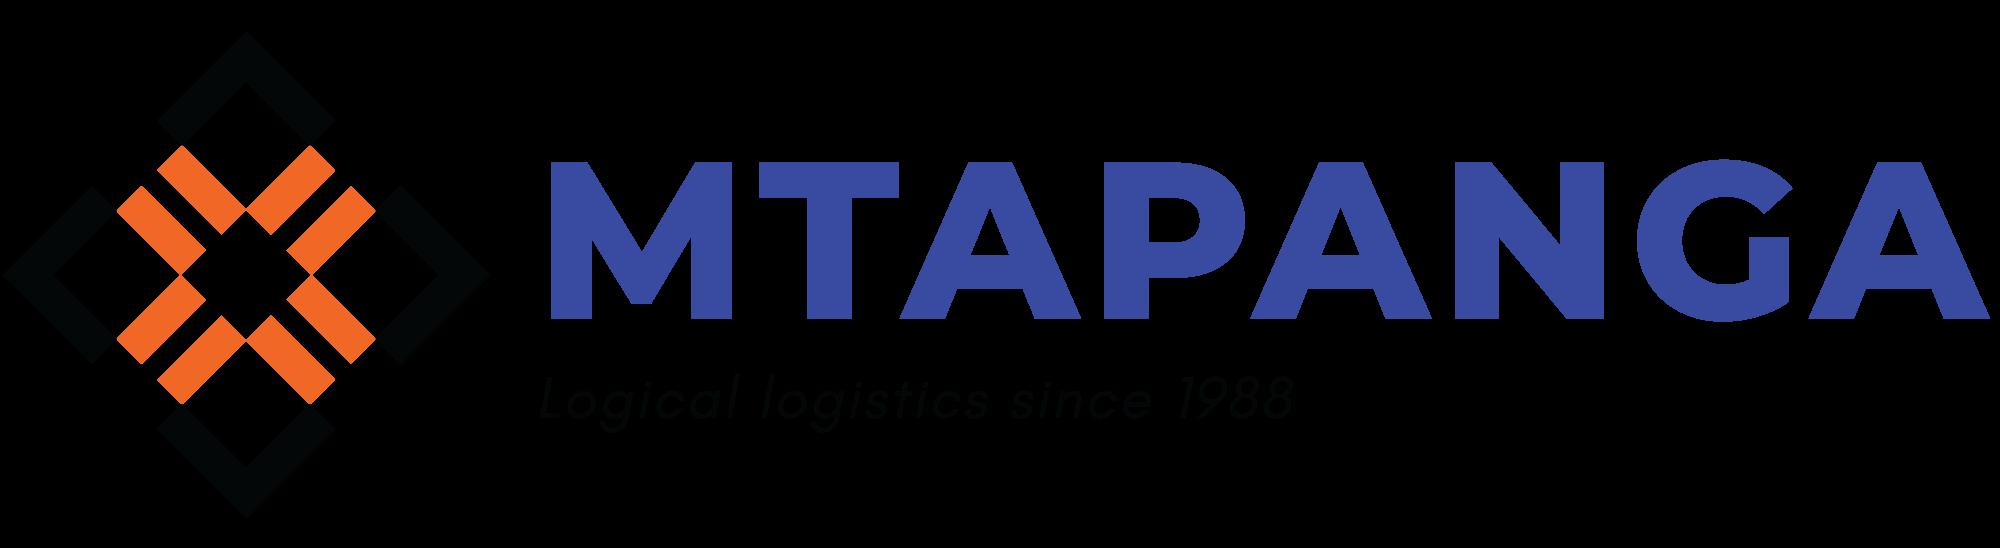 Mtapanga Agencies Limited